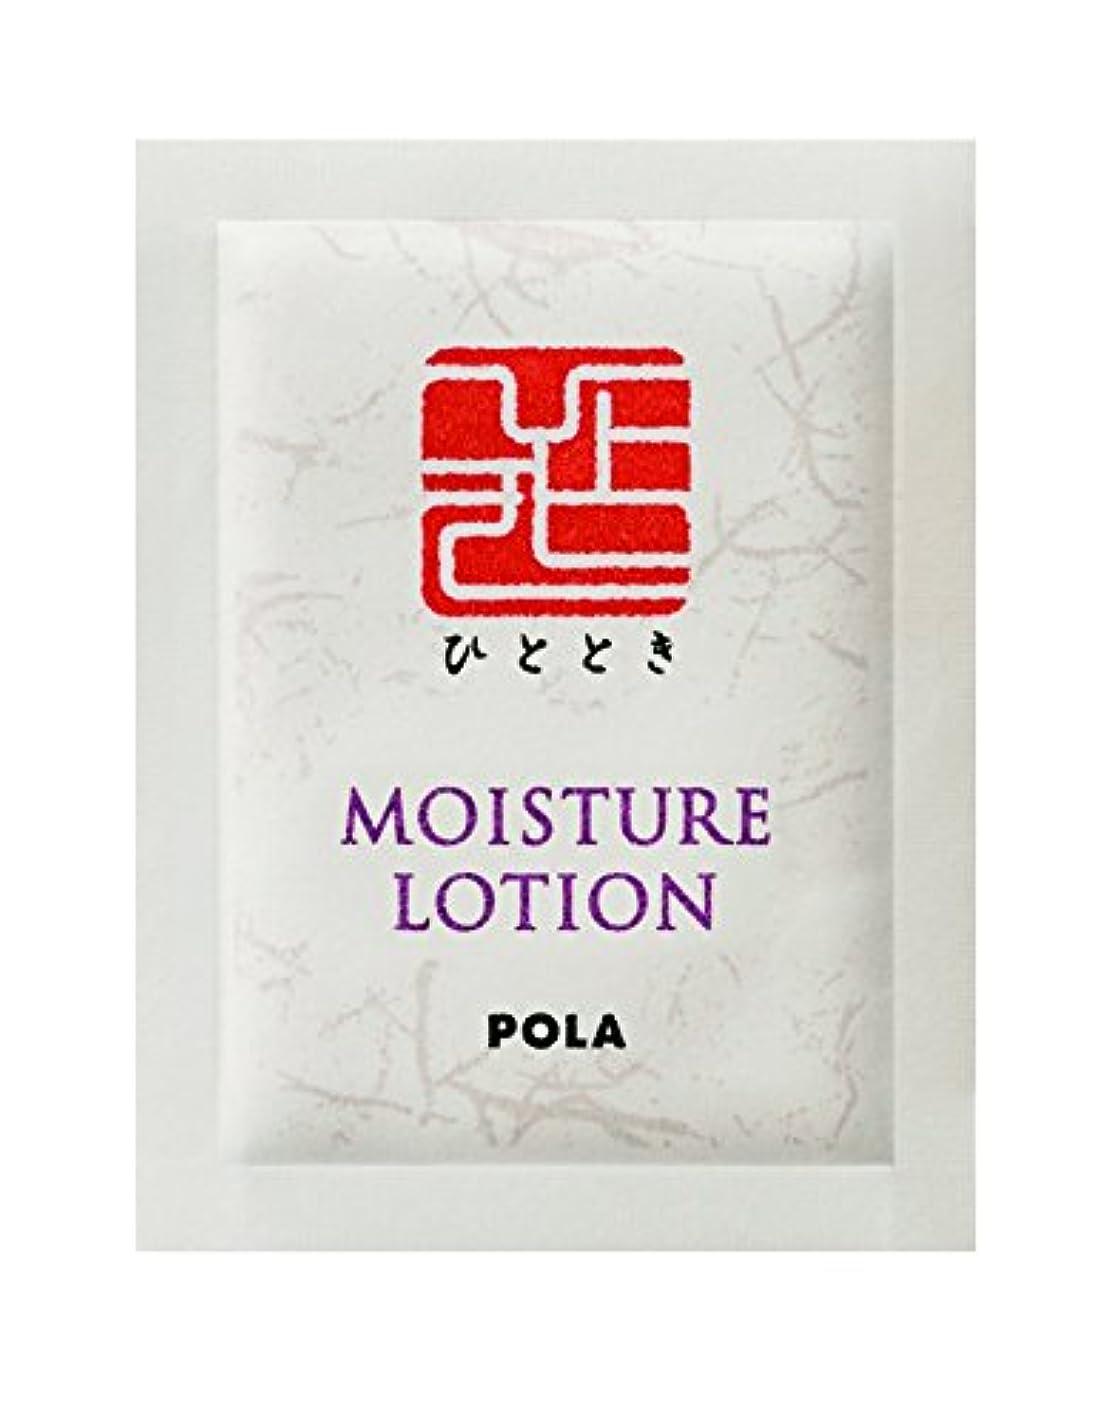 シャベル外科医外側POLA ひととき モイスチャーローション 化粧水 個包装タイプ 2mL×100包